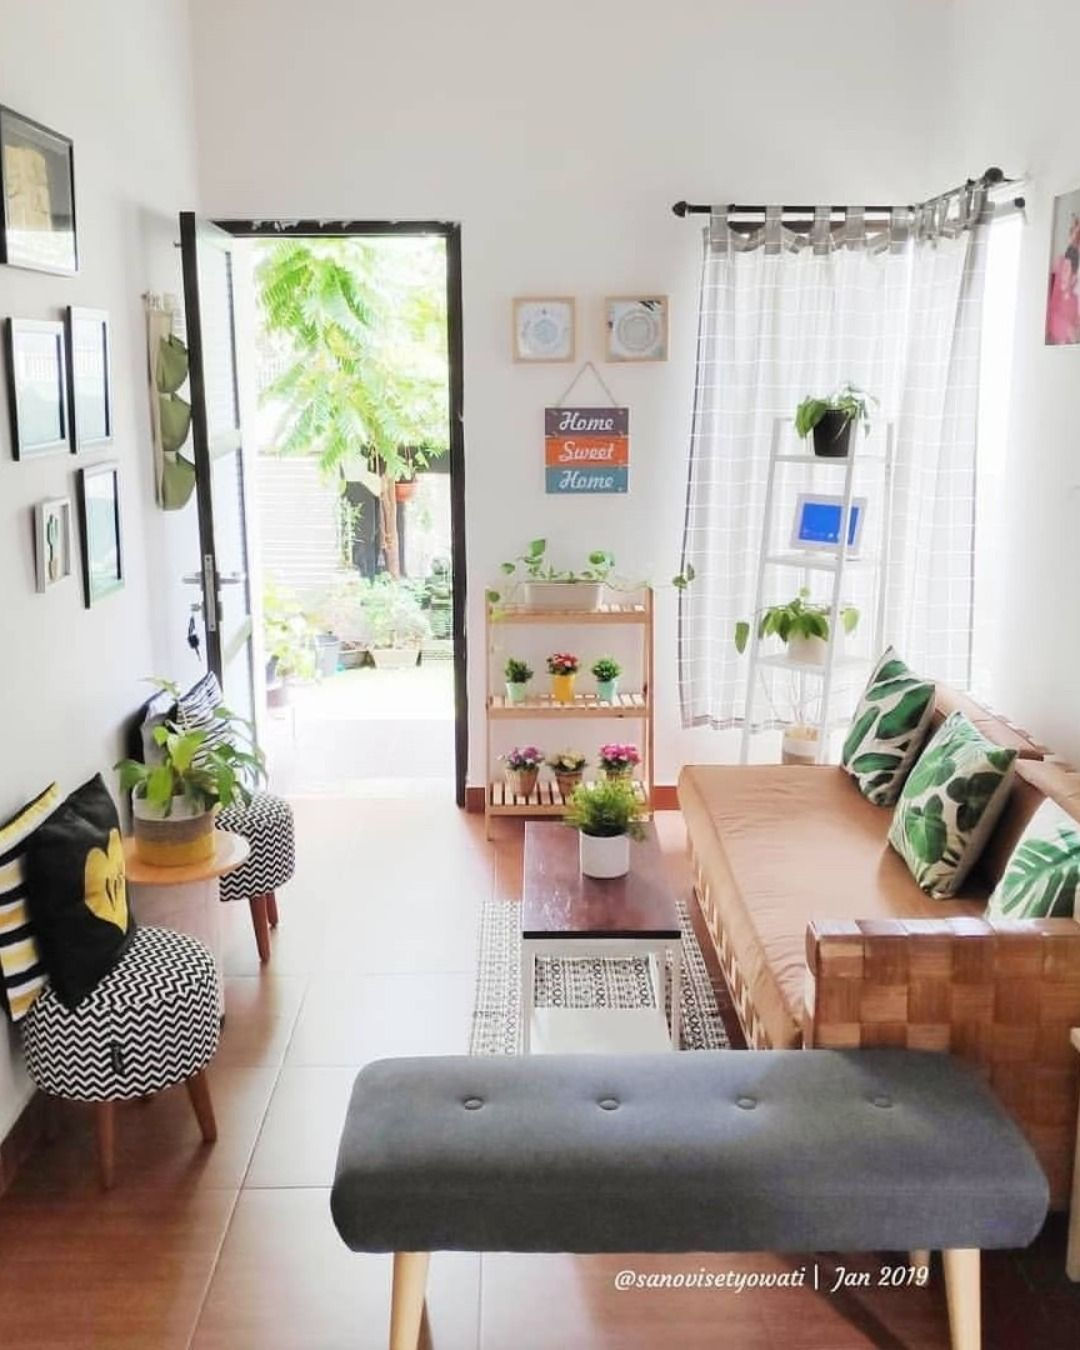 Livingroom Ideas For 3x3 Ide Dekorasi Rumah Desain Interior Ide Ruang Keluarga #small #house #design #living #room